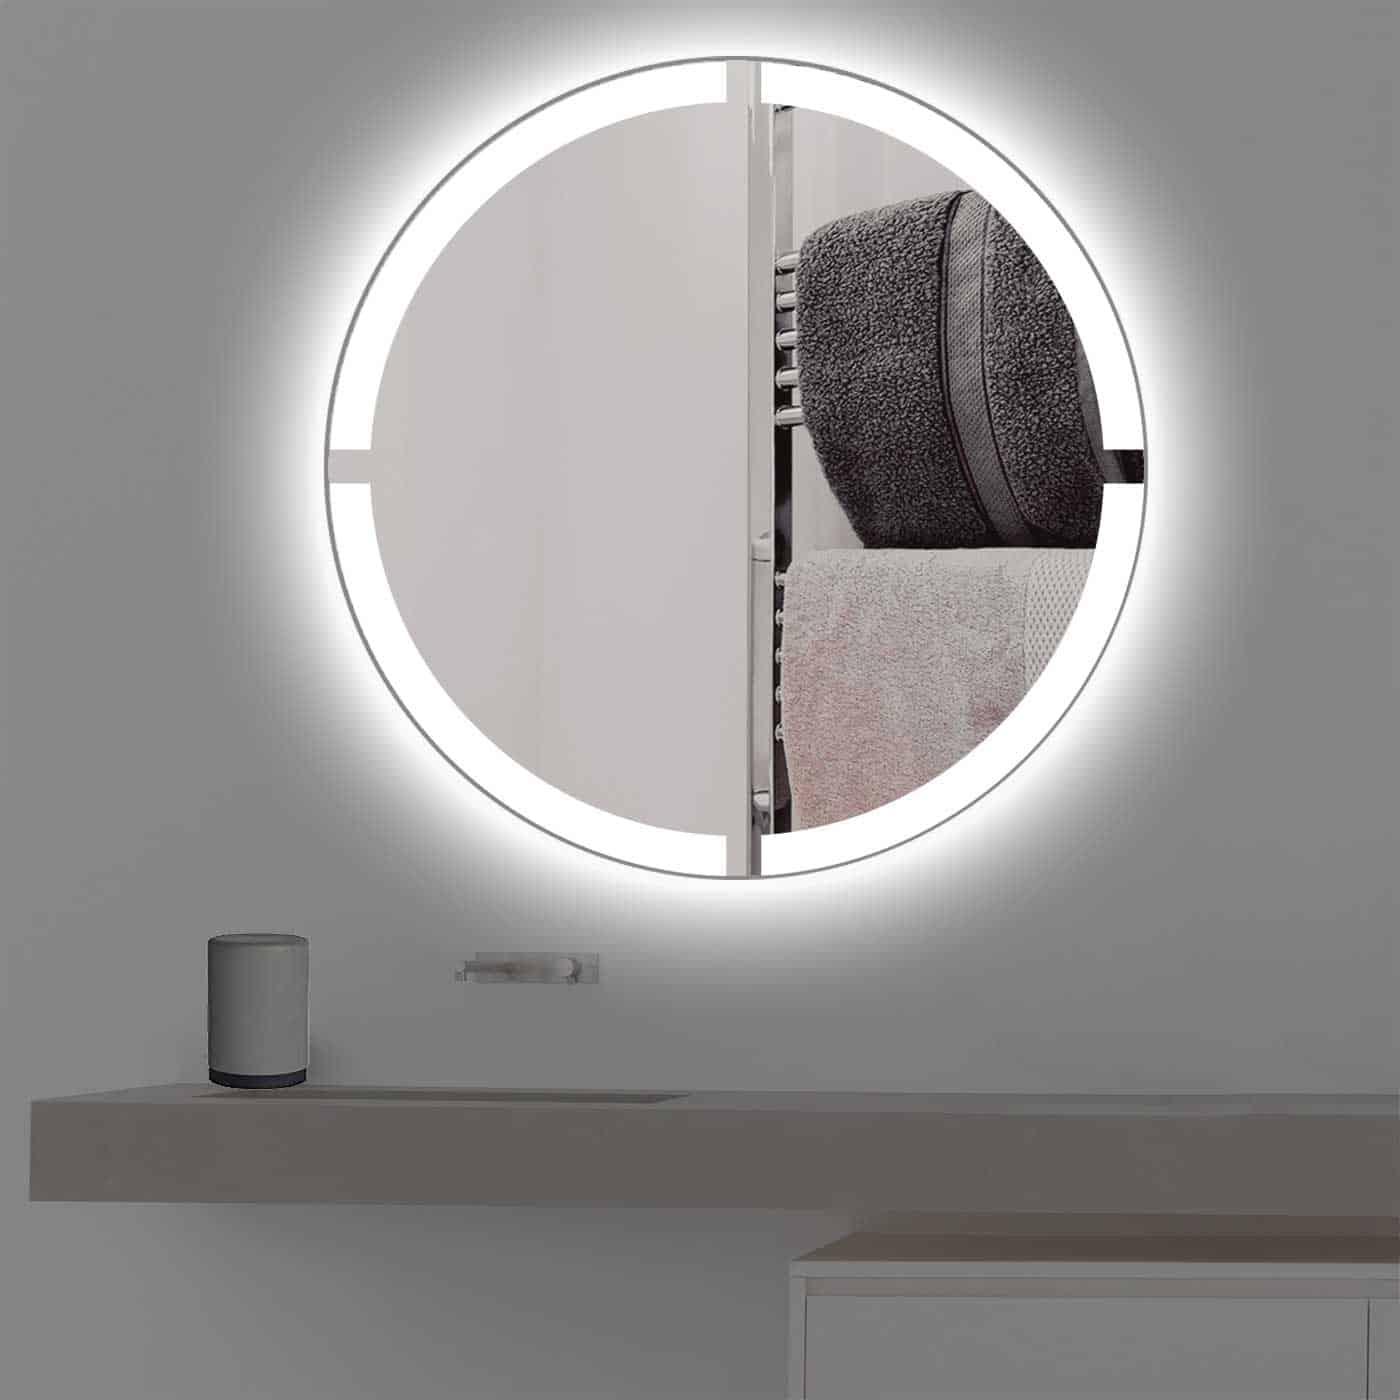 Badspiegel mit Beleuchtung in kreuz | rund | R 403 in kaltweiss